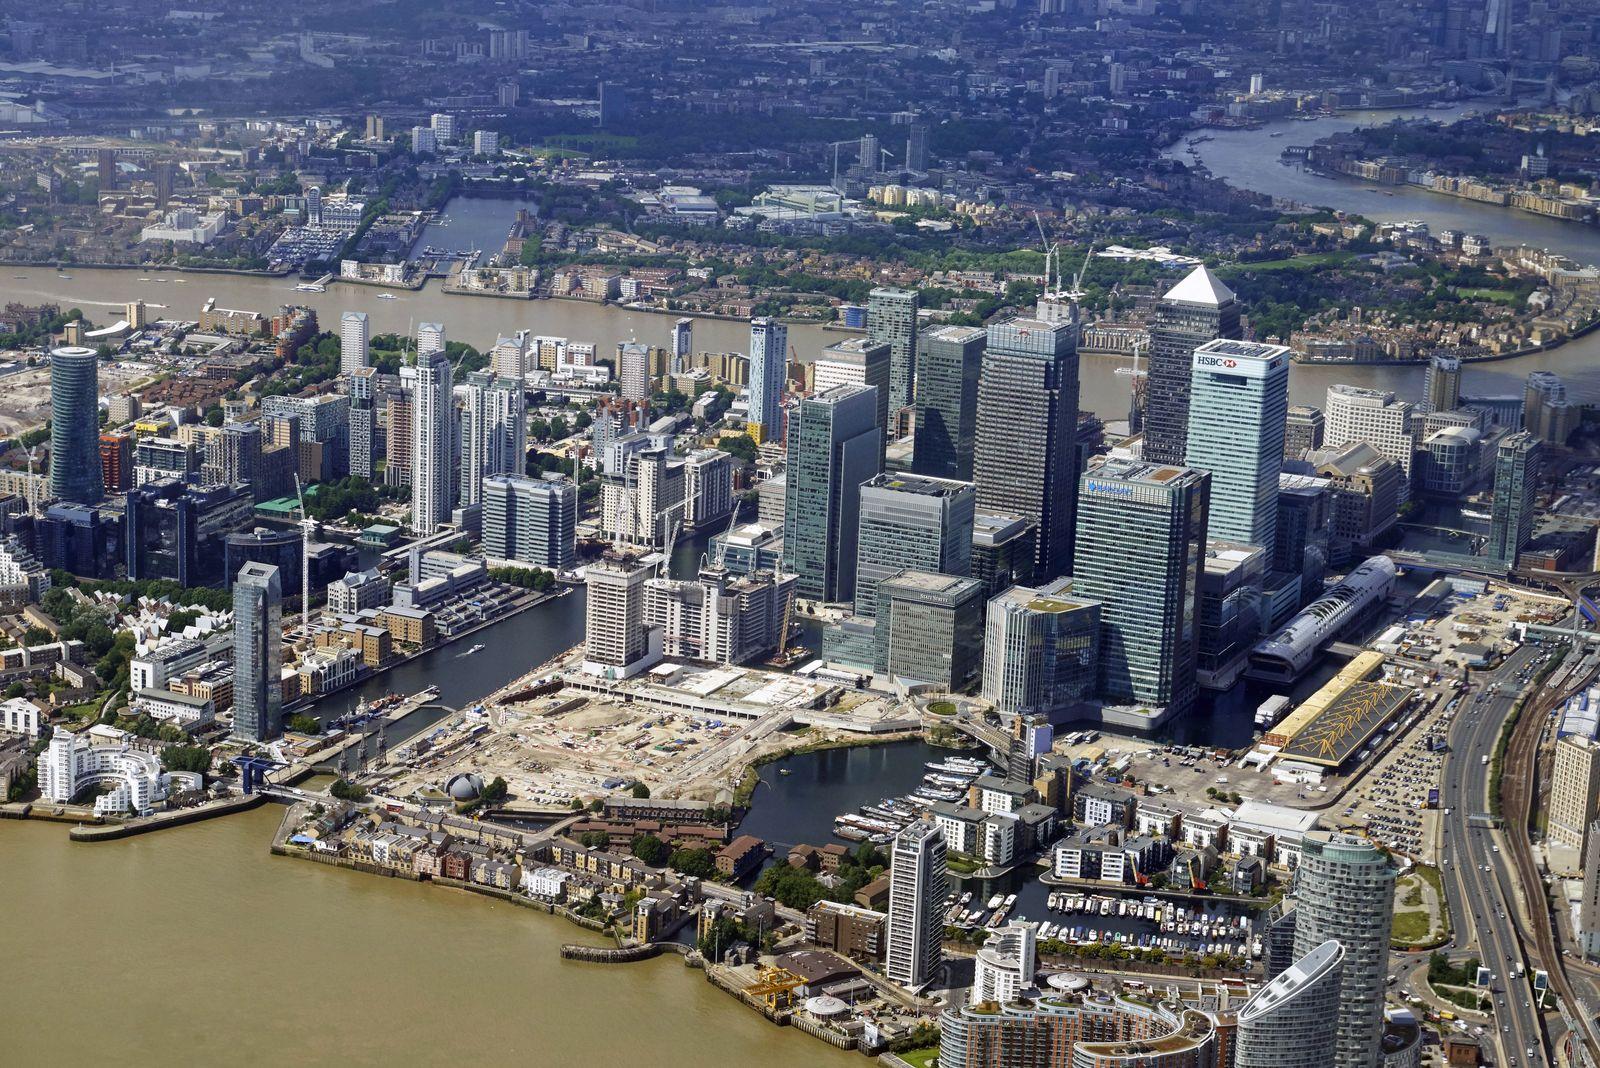 London Banken / Konjunktur / Banken-Viertel / Wirtschaft / England